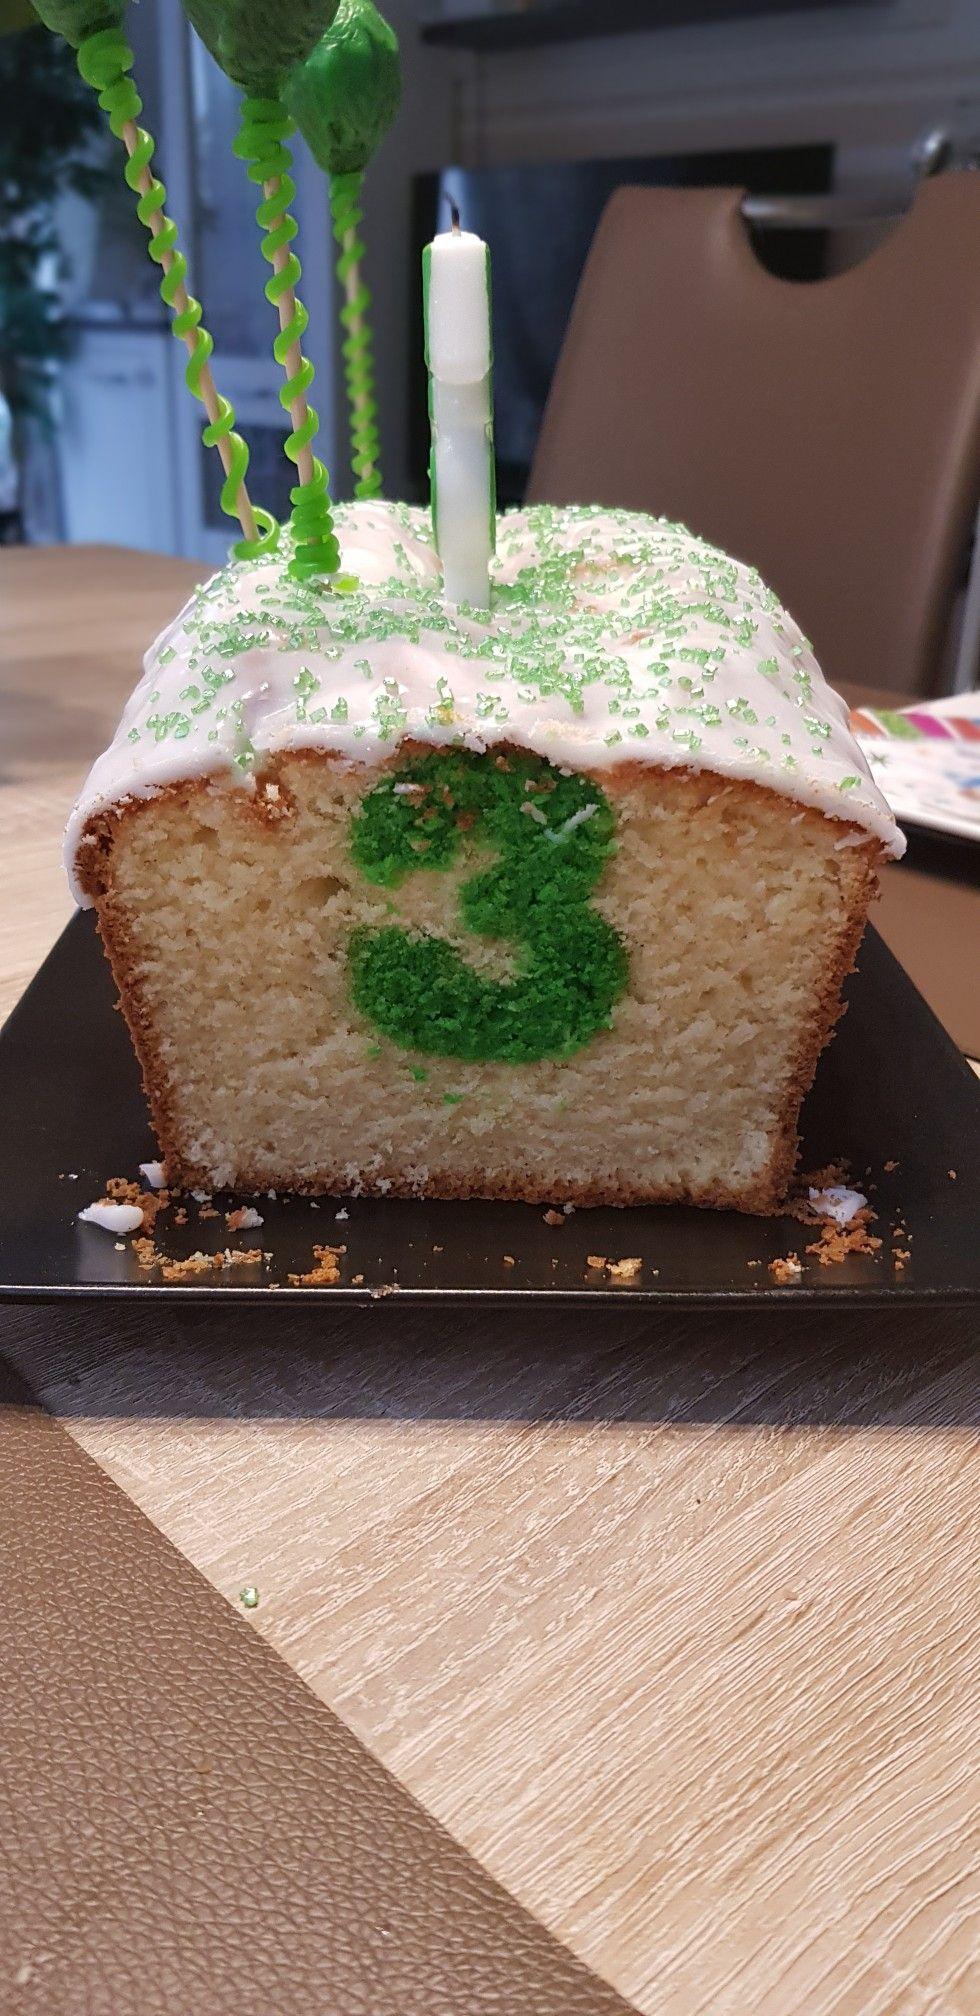 Geburtstagskuchen Geburtstagskuchen Kuchen Kuchen Ideen